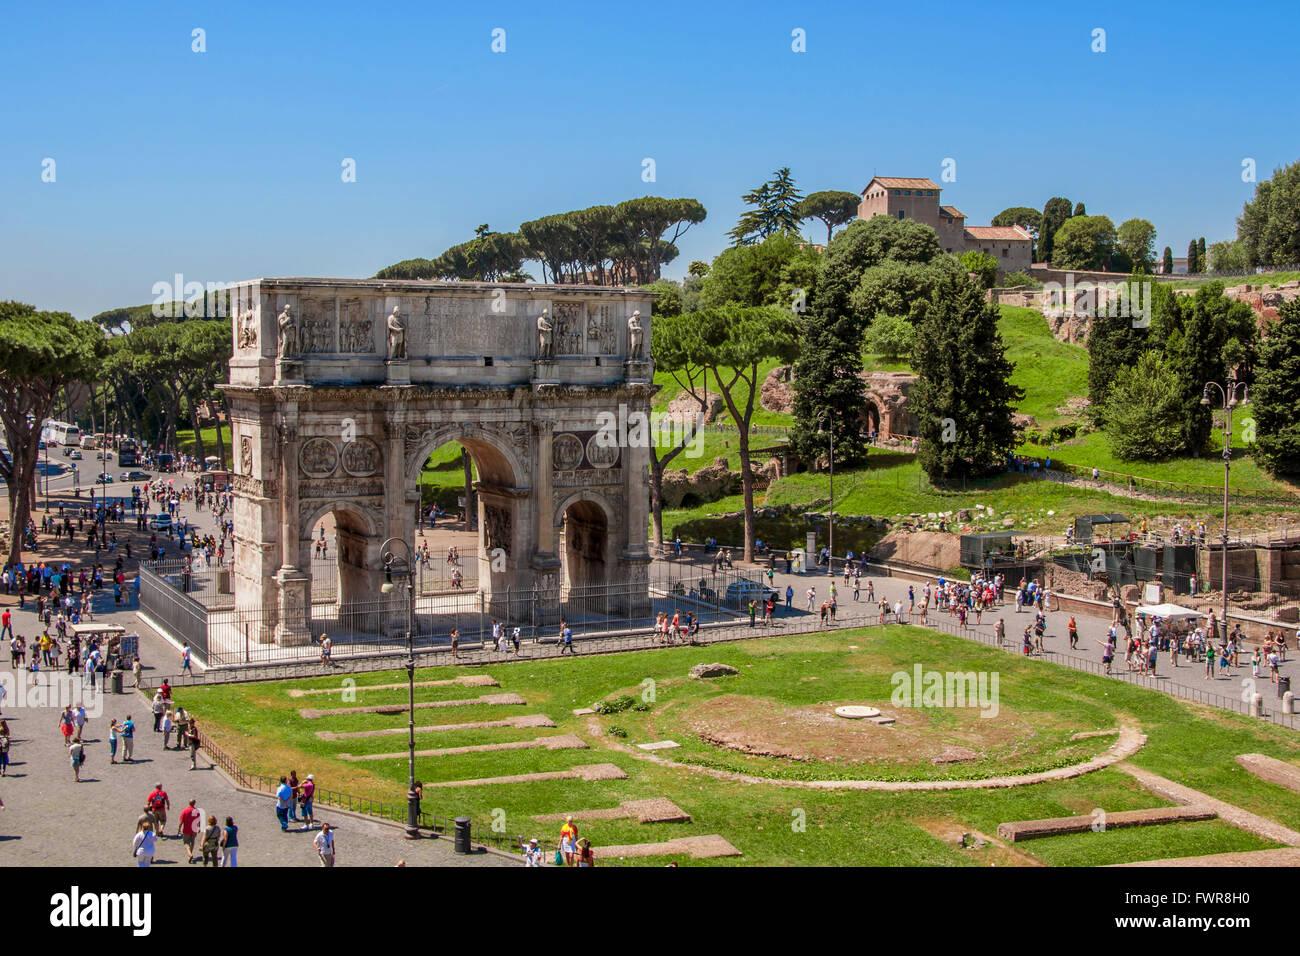 El arco triunfal de Constantino en Roma Imagen De Stock